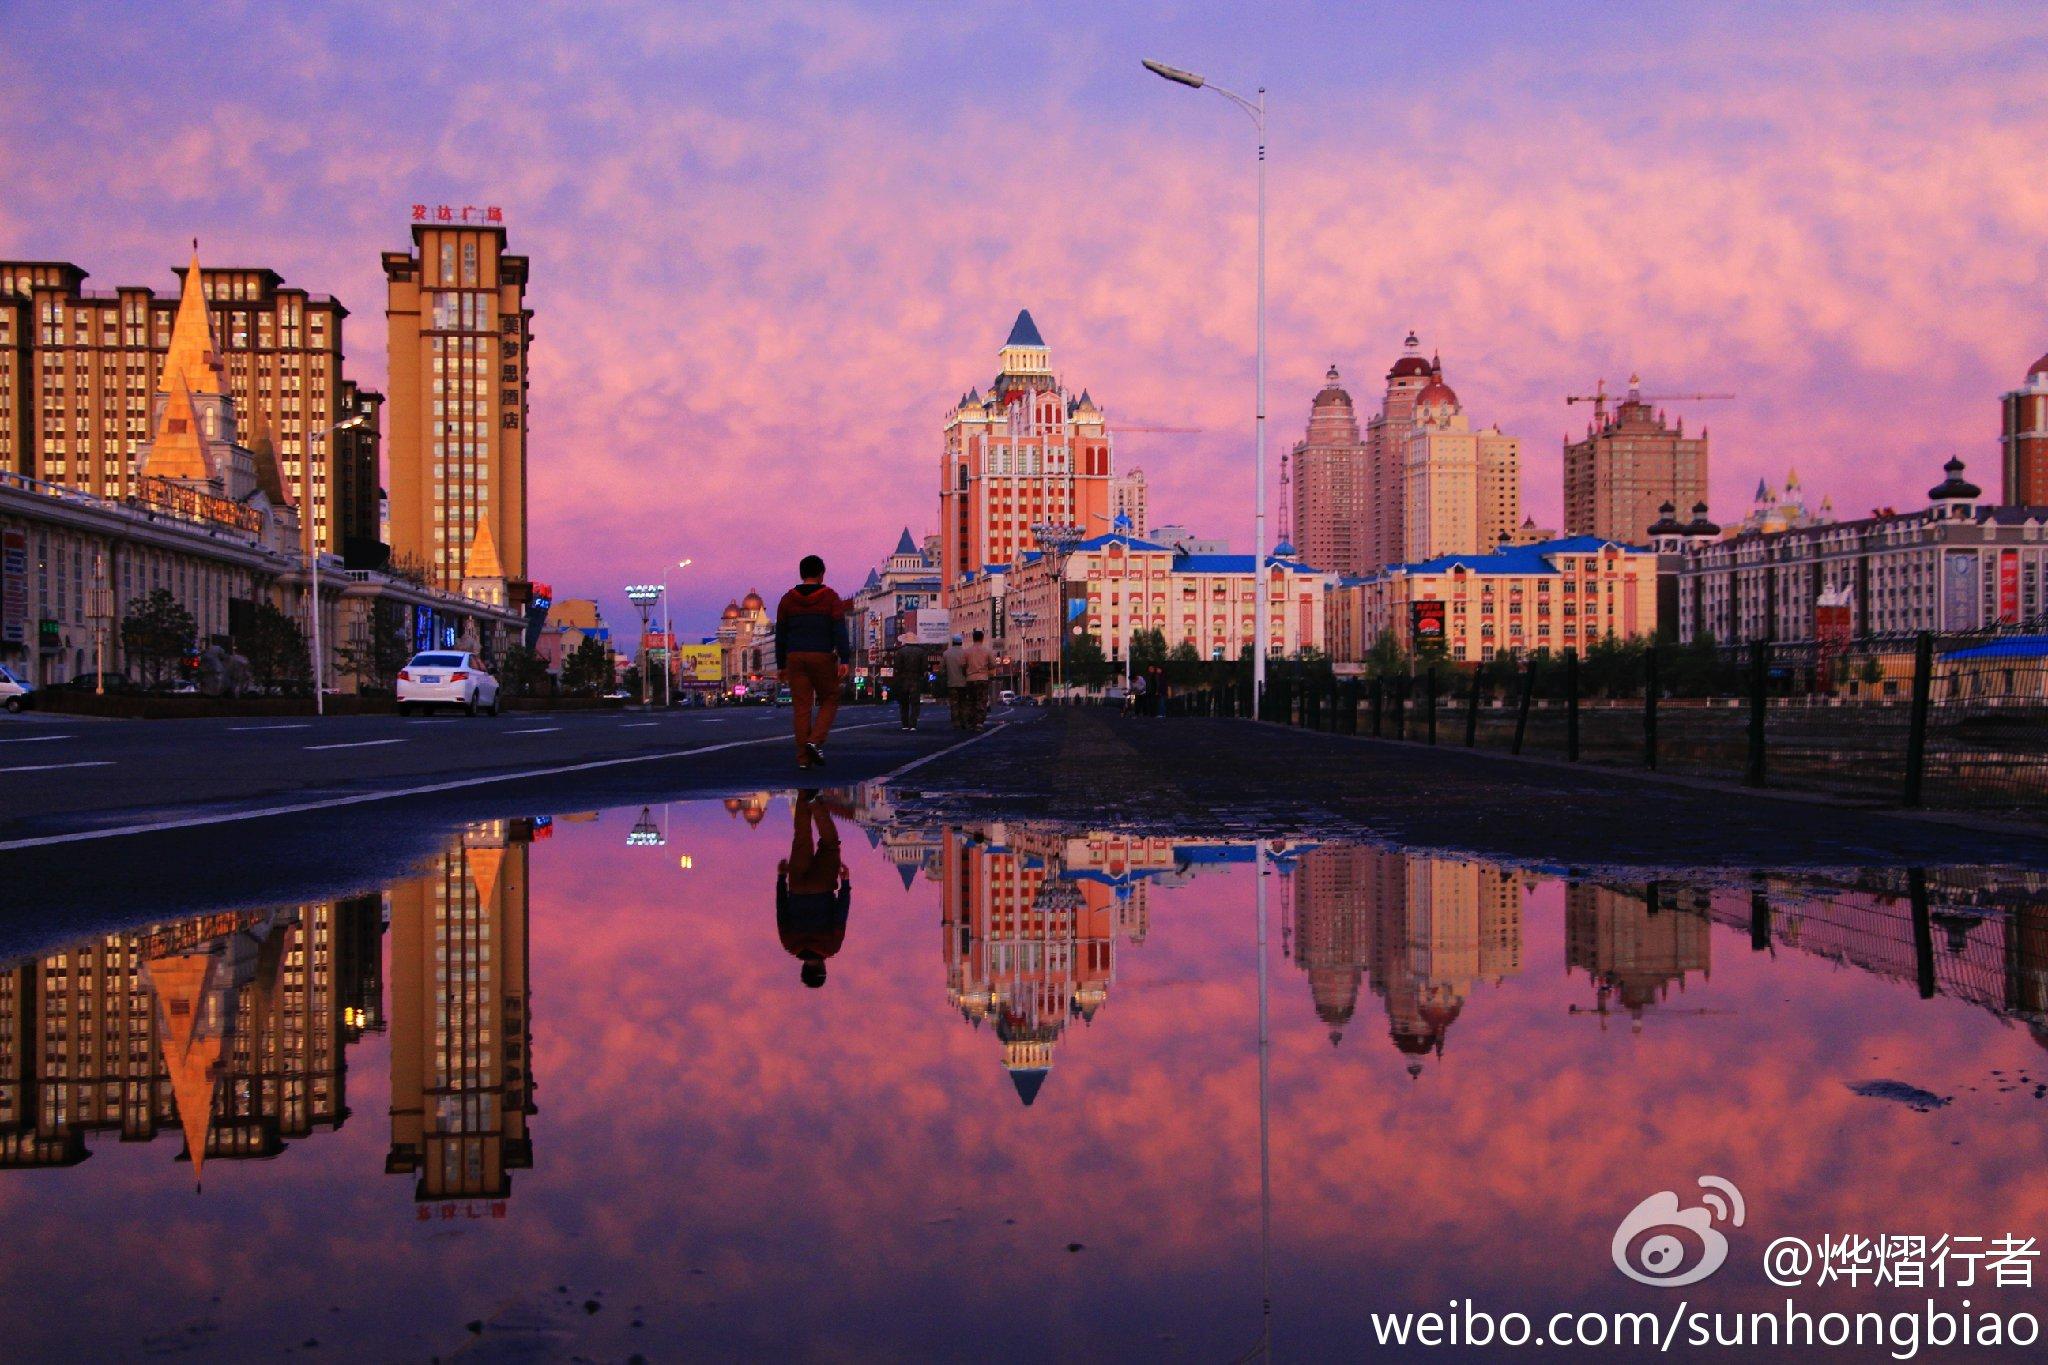 满洲里PPT背景图片免费下载是由PPT宝藏(www.pptbz.com)会员zengmin上传推荐的风景PPT背景图片, 更新时间为2016-10-12,素材编号105754。 满洲里是内蒙古自治区直辖县级市和内蒙古自治区计划单列市(准地级市),代管呼伦贝尔市扎赉诺尔区,是中国最大的陆运口岸城市,是国务院确定的国家重点开发开放试验区。境内满洲里口岸是中国最大的陆路口岸。满洲里市位于内蒙古呼伦贝尔大草原的西北部,东依大兴安岭、南濒呼伦湖、西临蒙古国、北接俄罗斯。全市总面积732平方公里(含扎赉诺尔区);总人